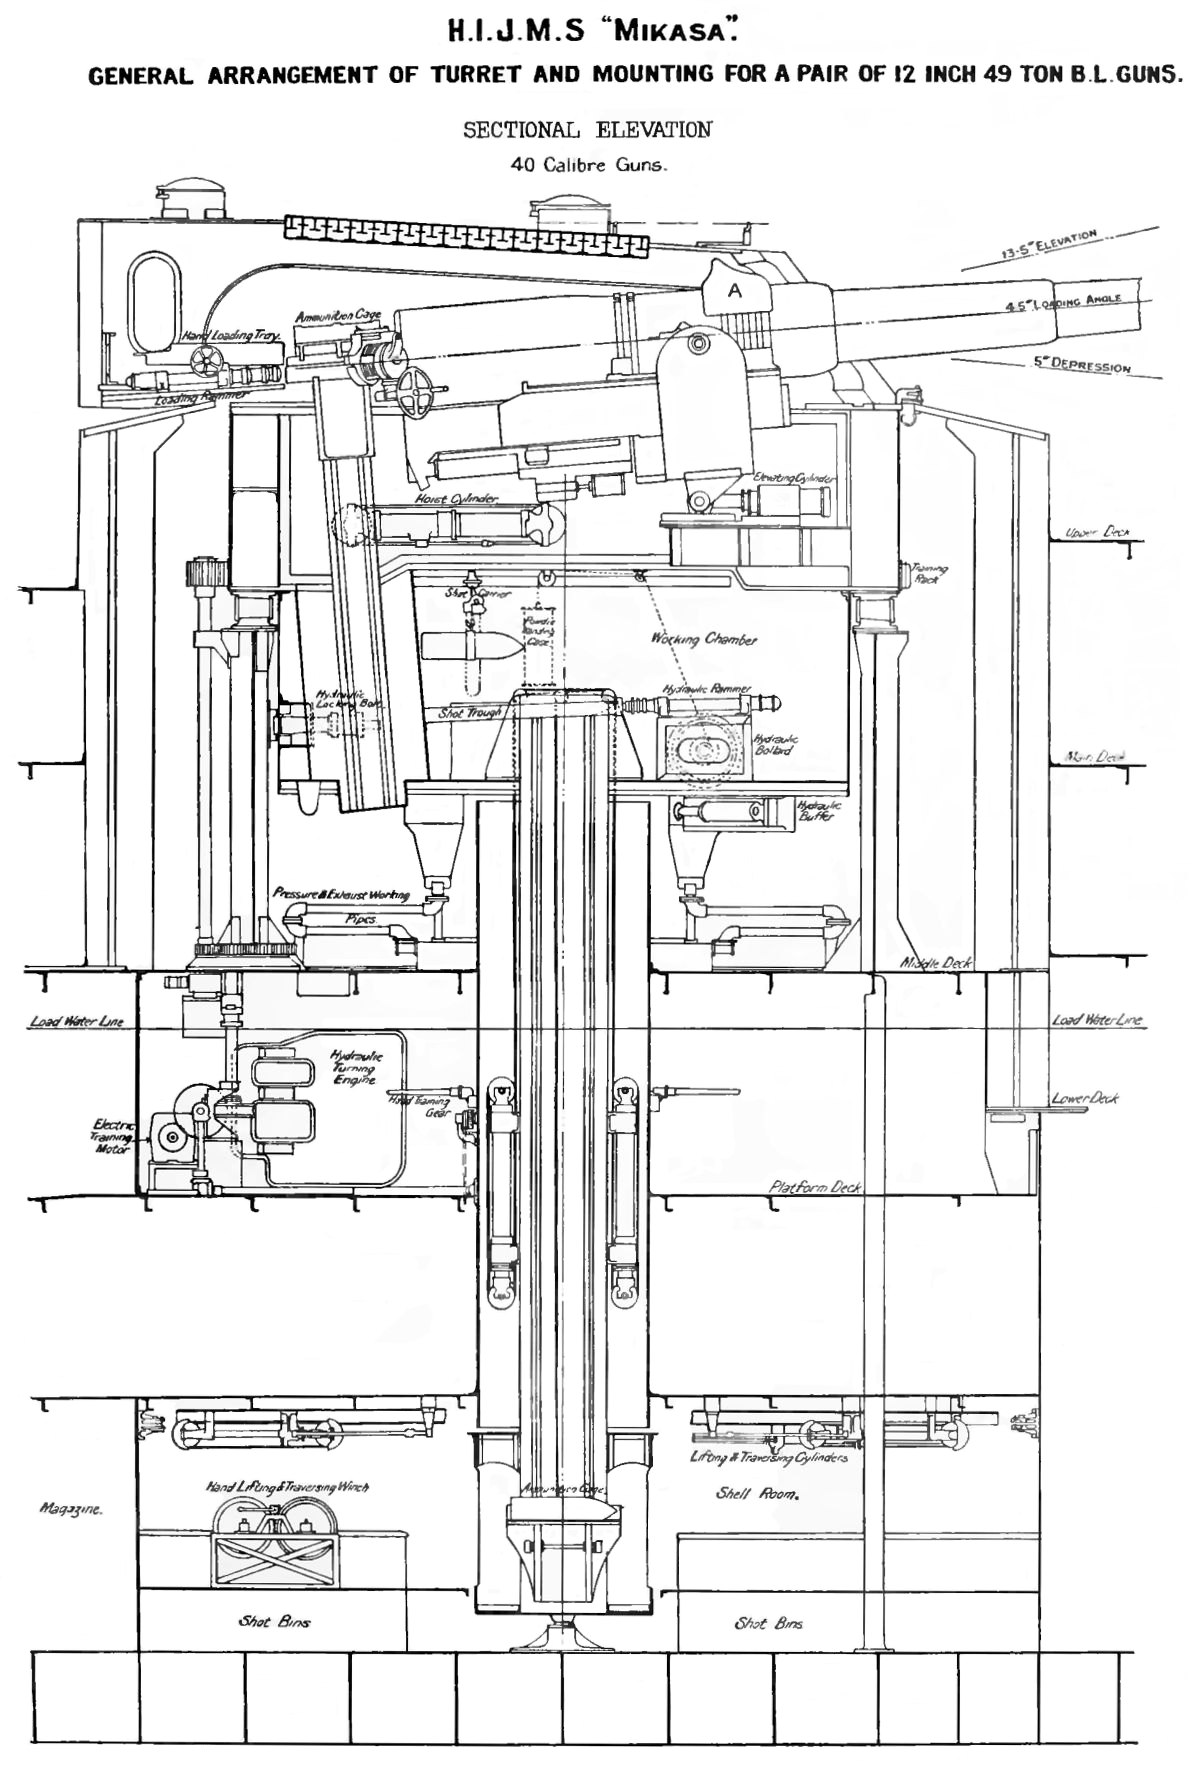 File Mikasa 12 Inch 40 Cal Gun Turret Right Elevation